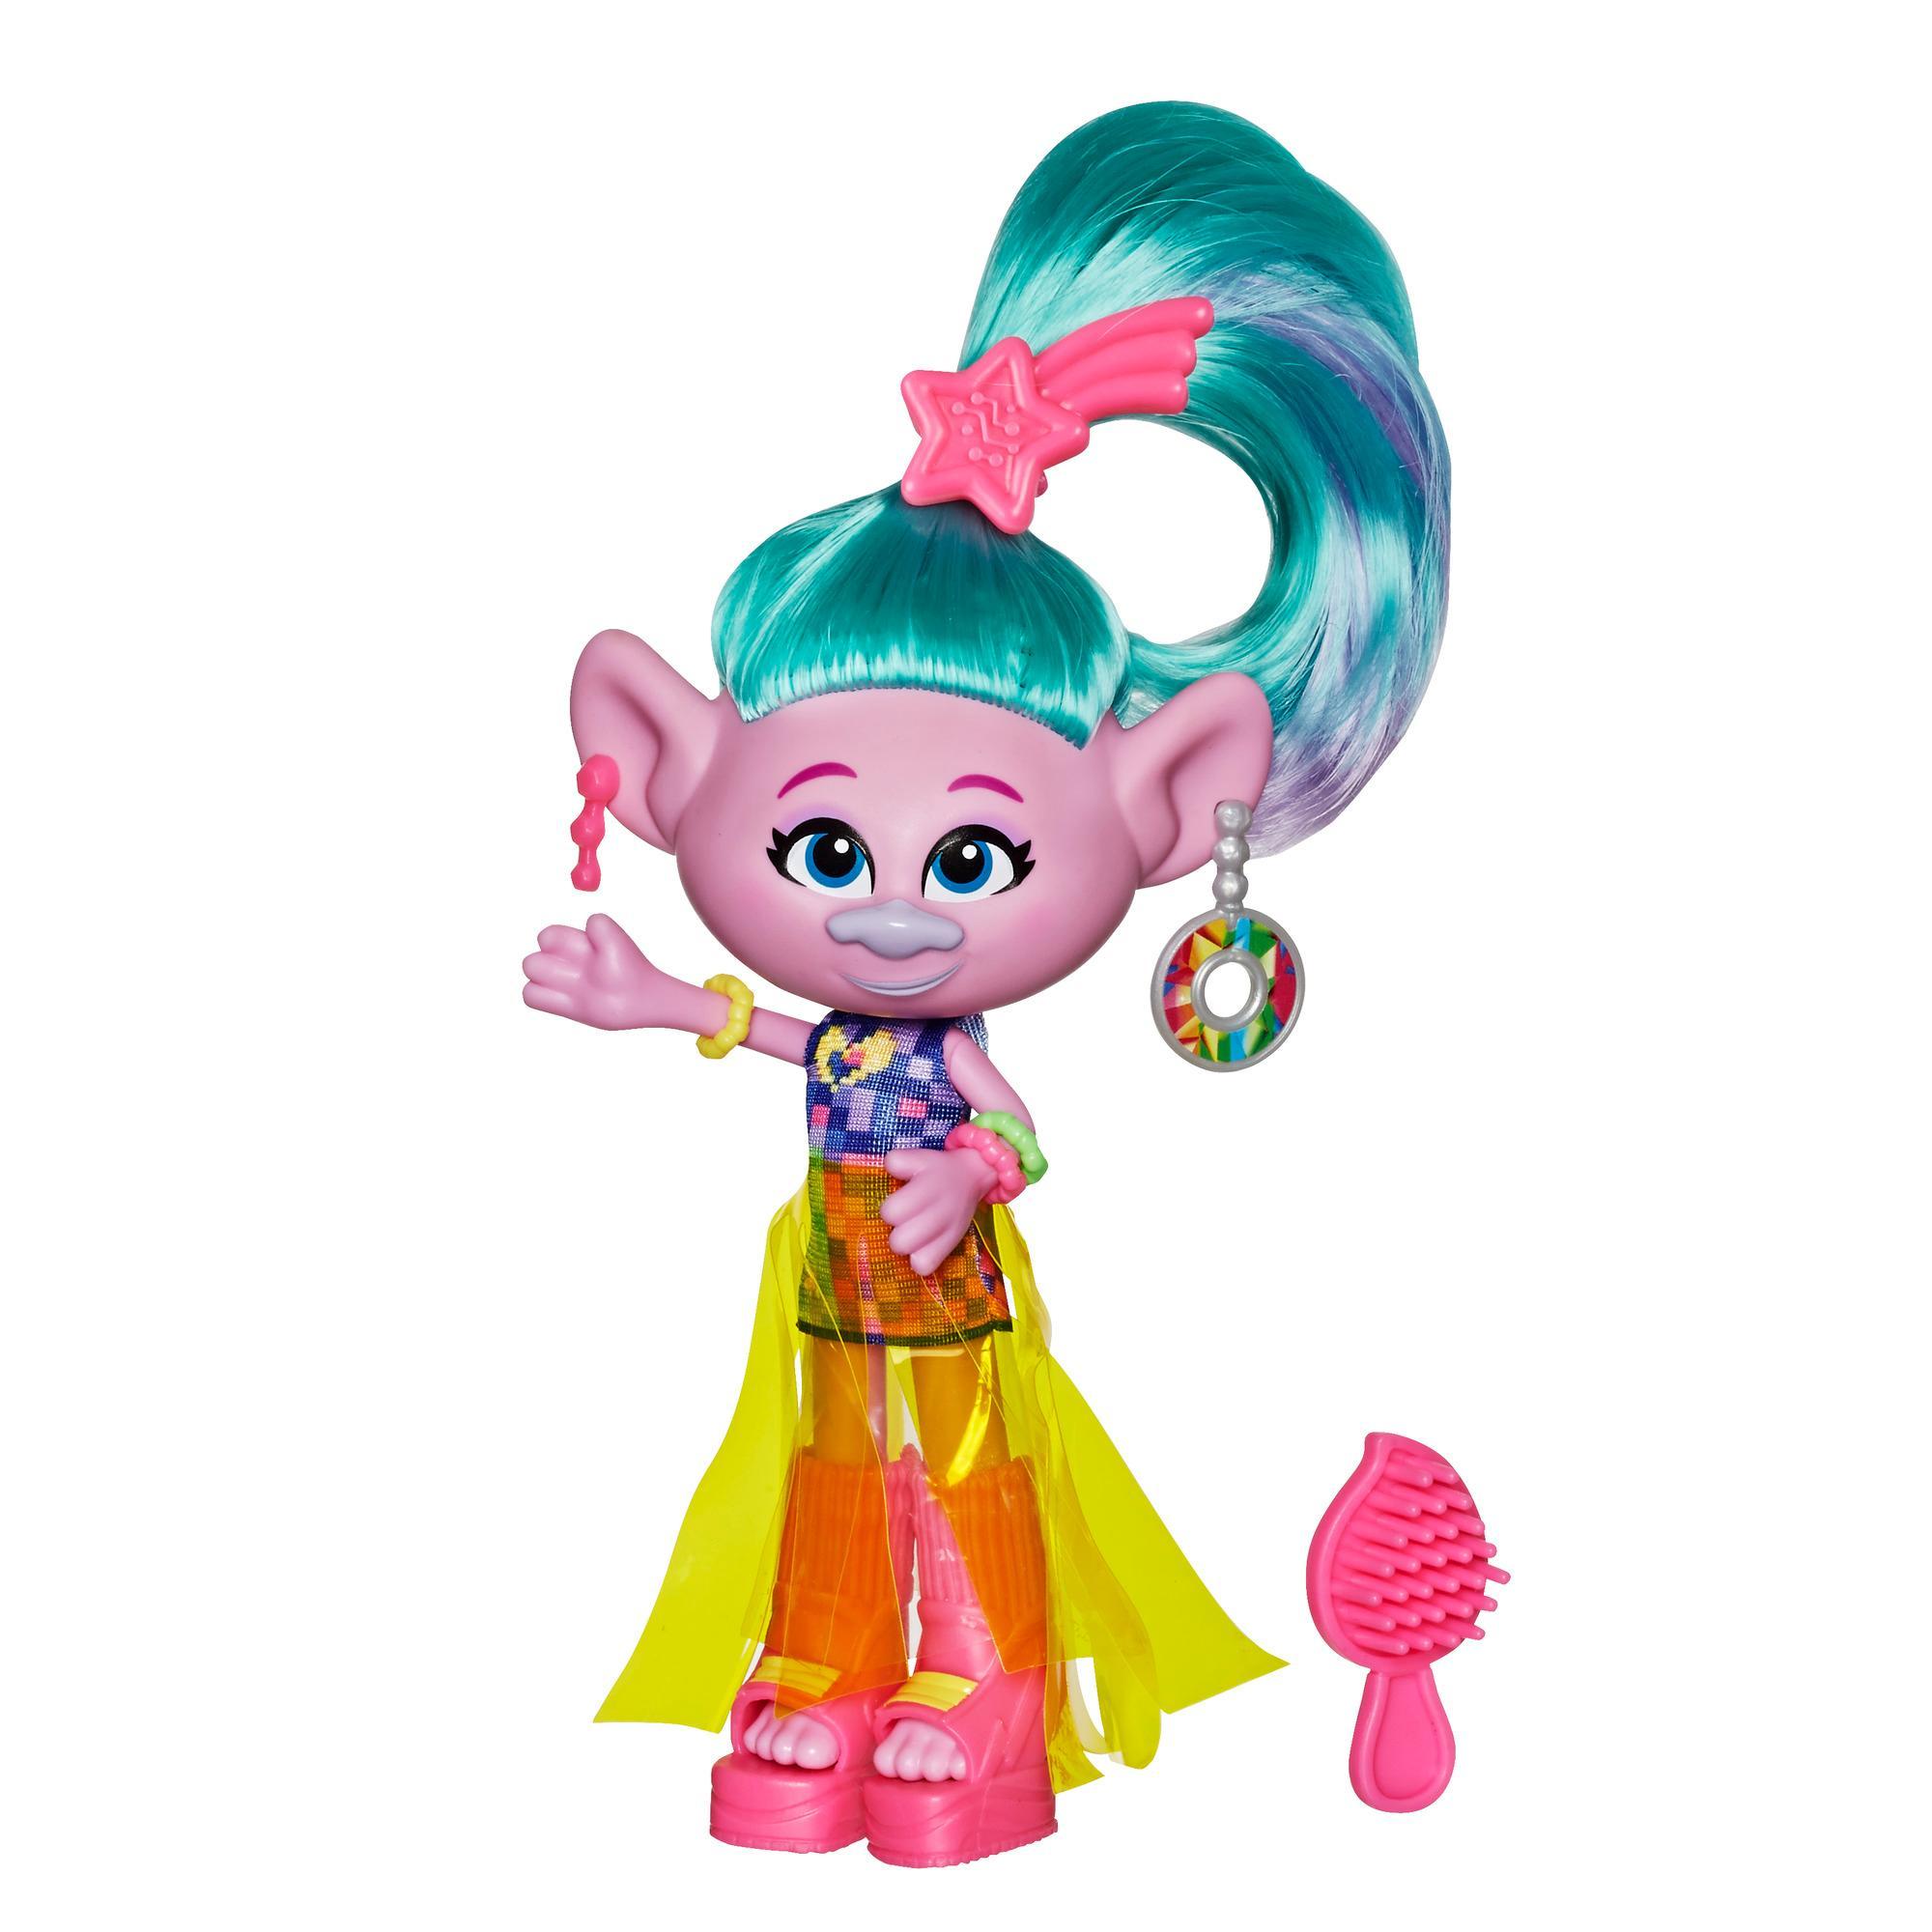 Trolls de DreamWorks, poupée Sublime Satin, avec robe et plus, du film Trolls 2 : Tournée mondiale, jouet pour enfants